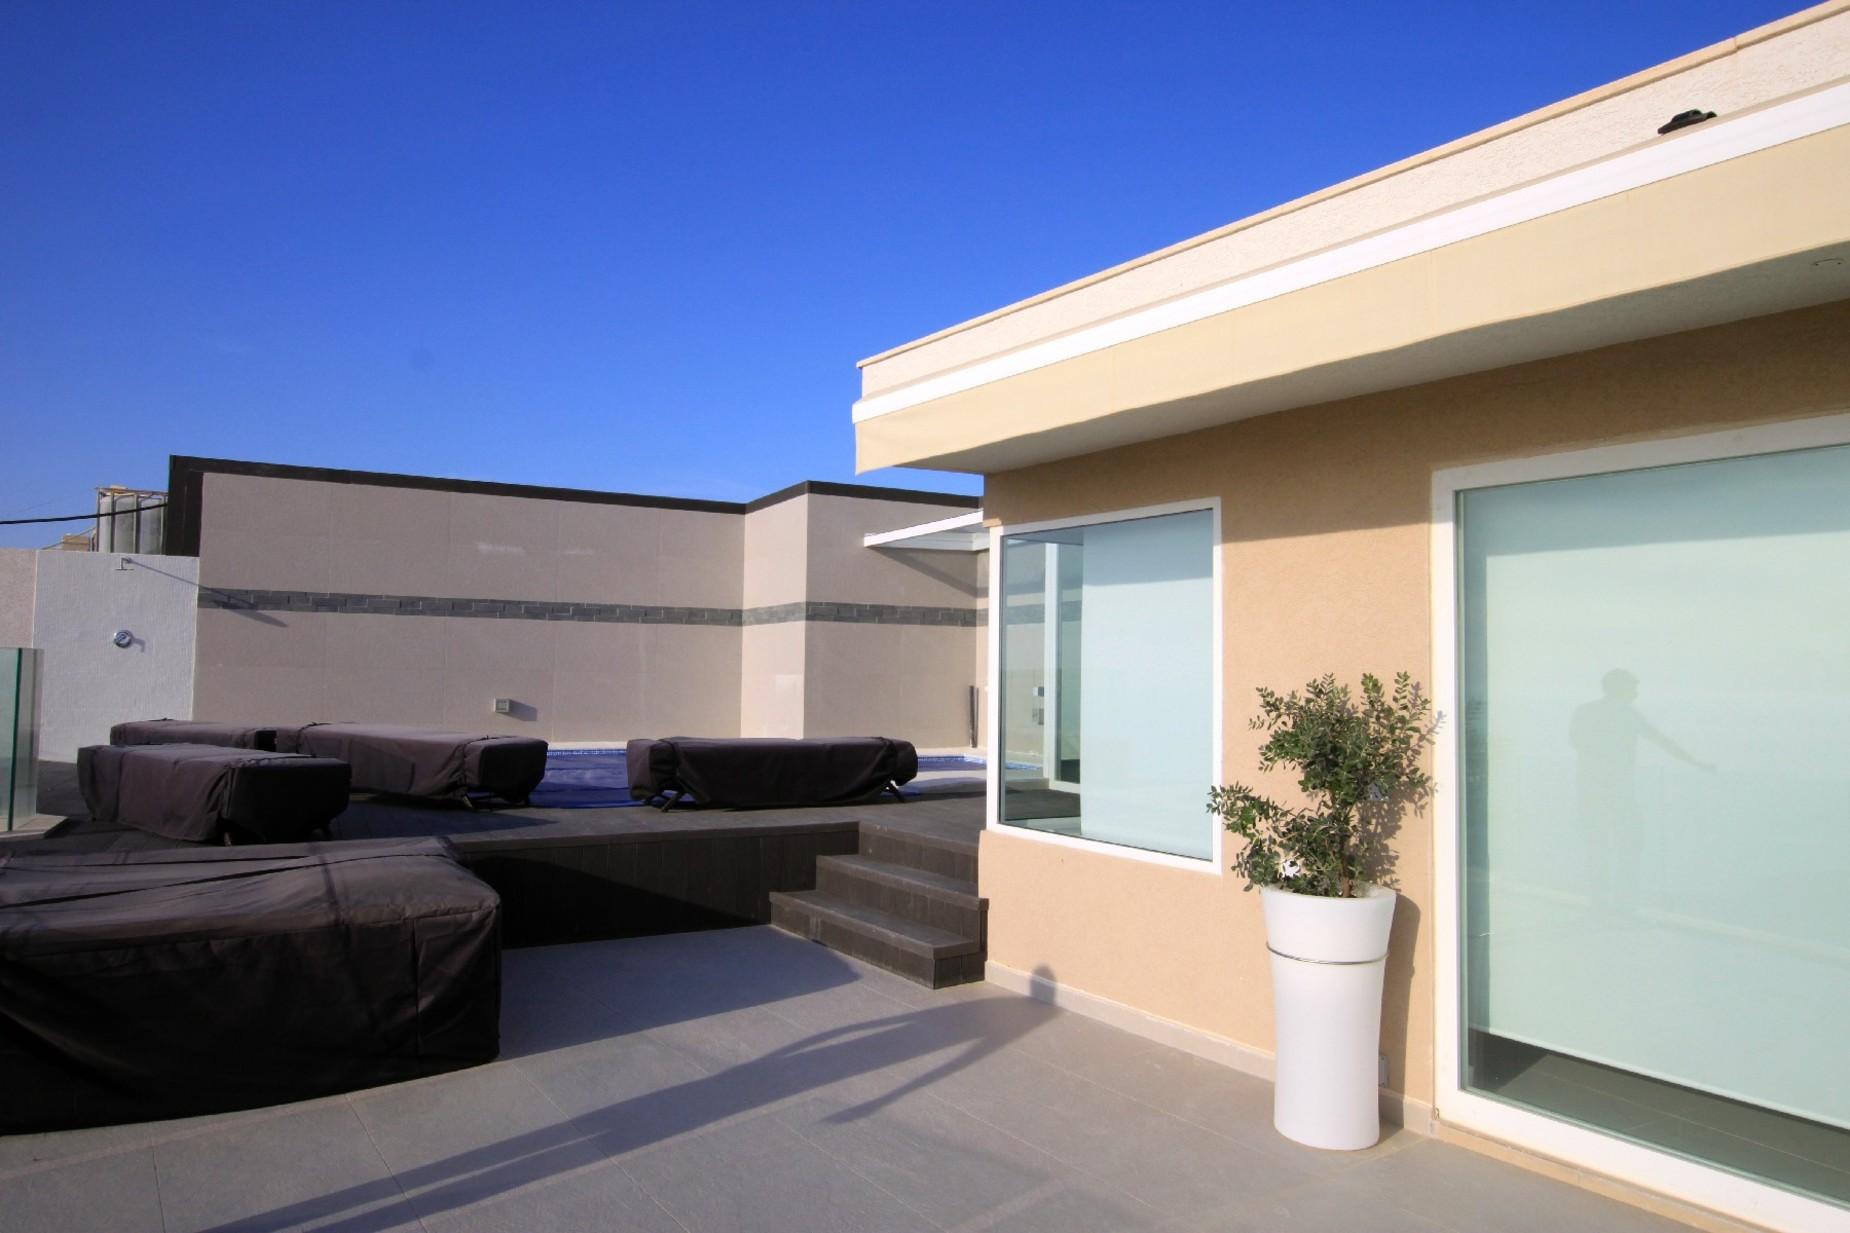 2 bed Penthouse For Sale in Zebbug (Gozo), Zebbug (Gozo) - thumb 2